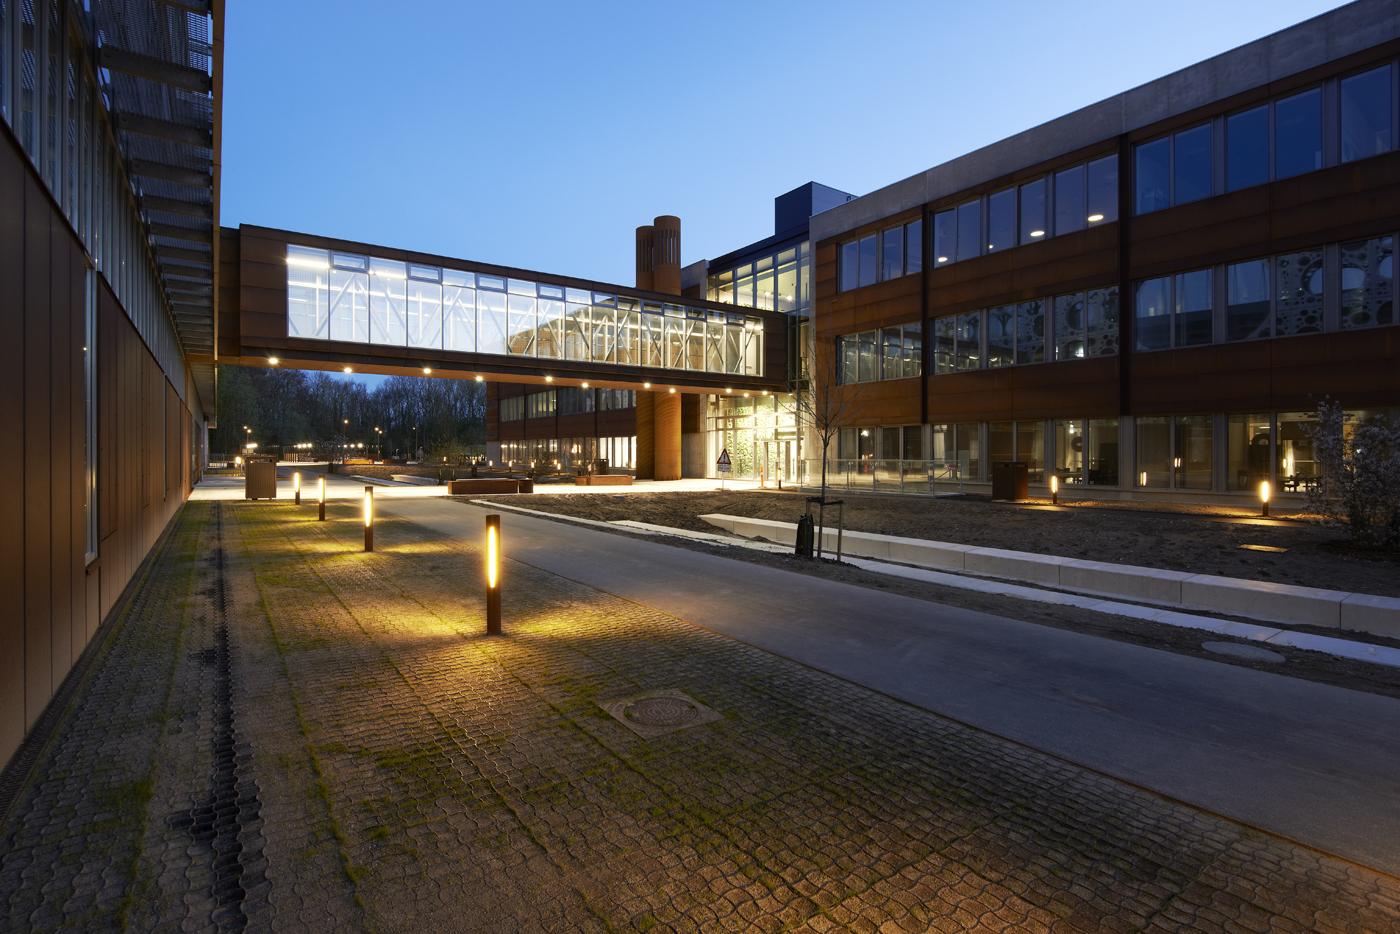 OU44 - Teknisk Fakultet, Syddansk Universitet